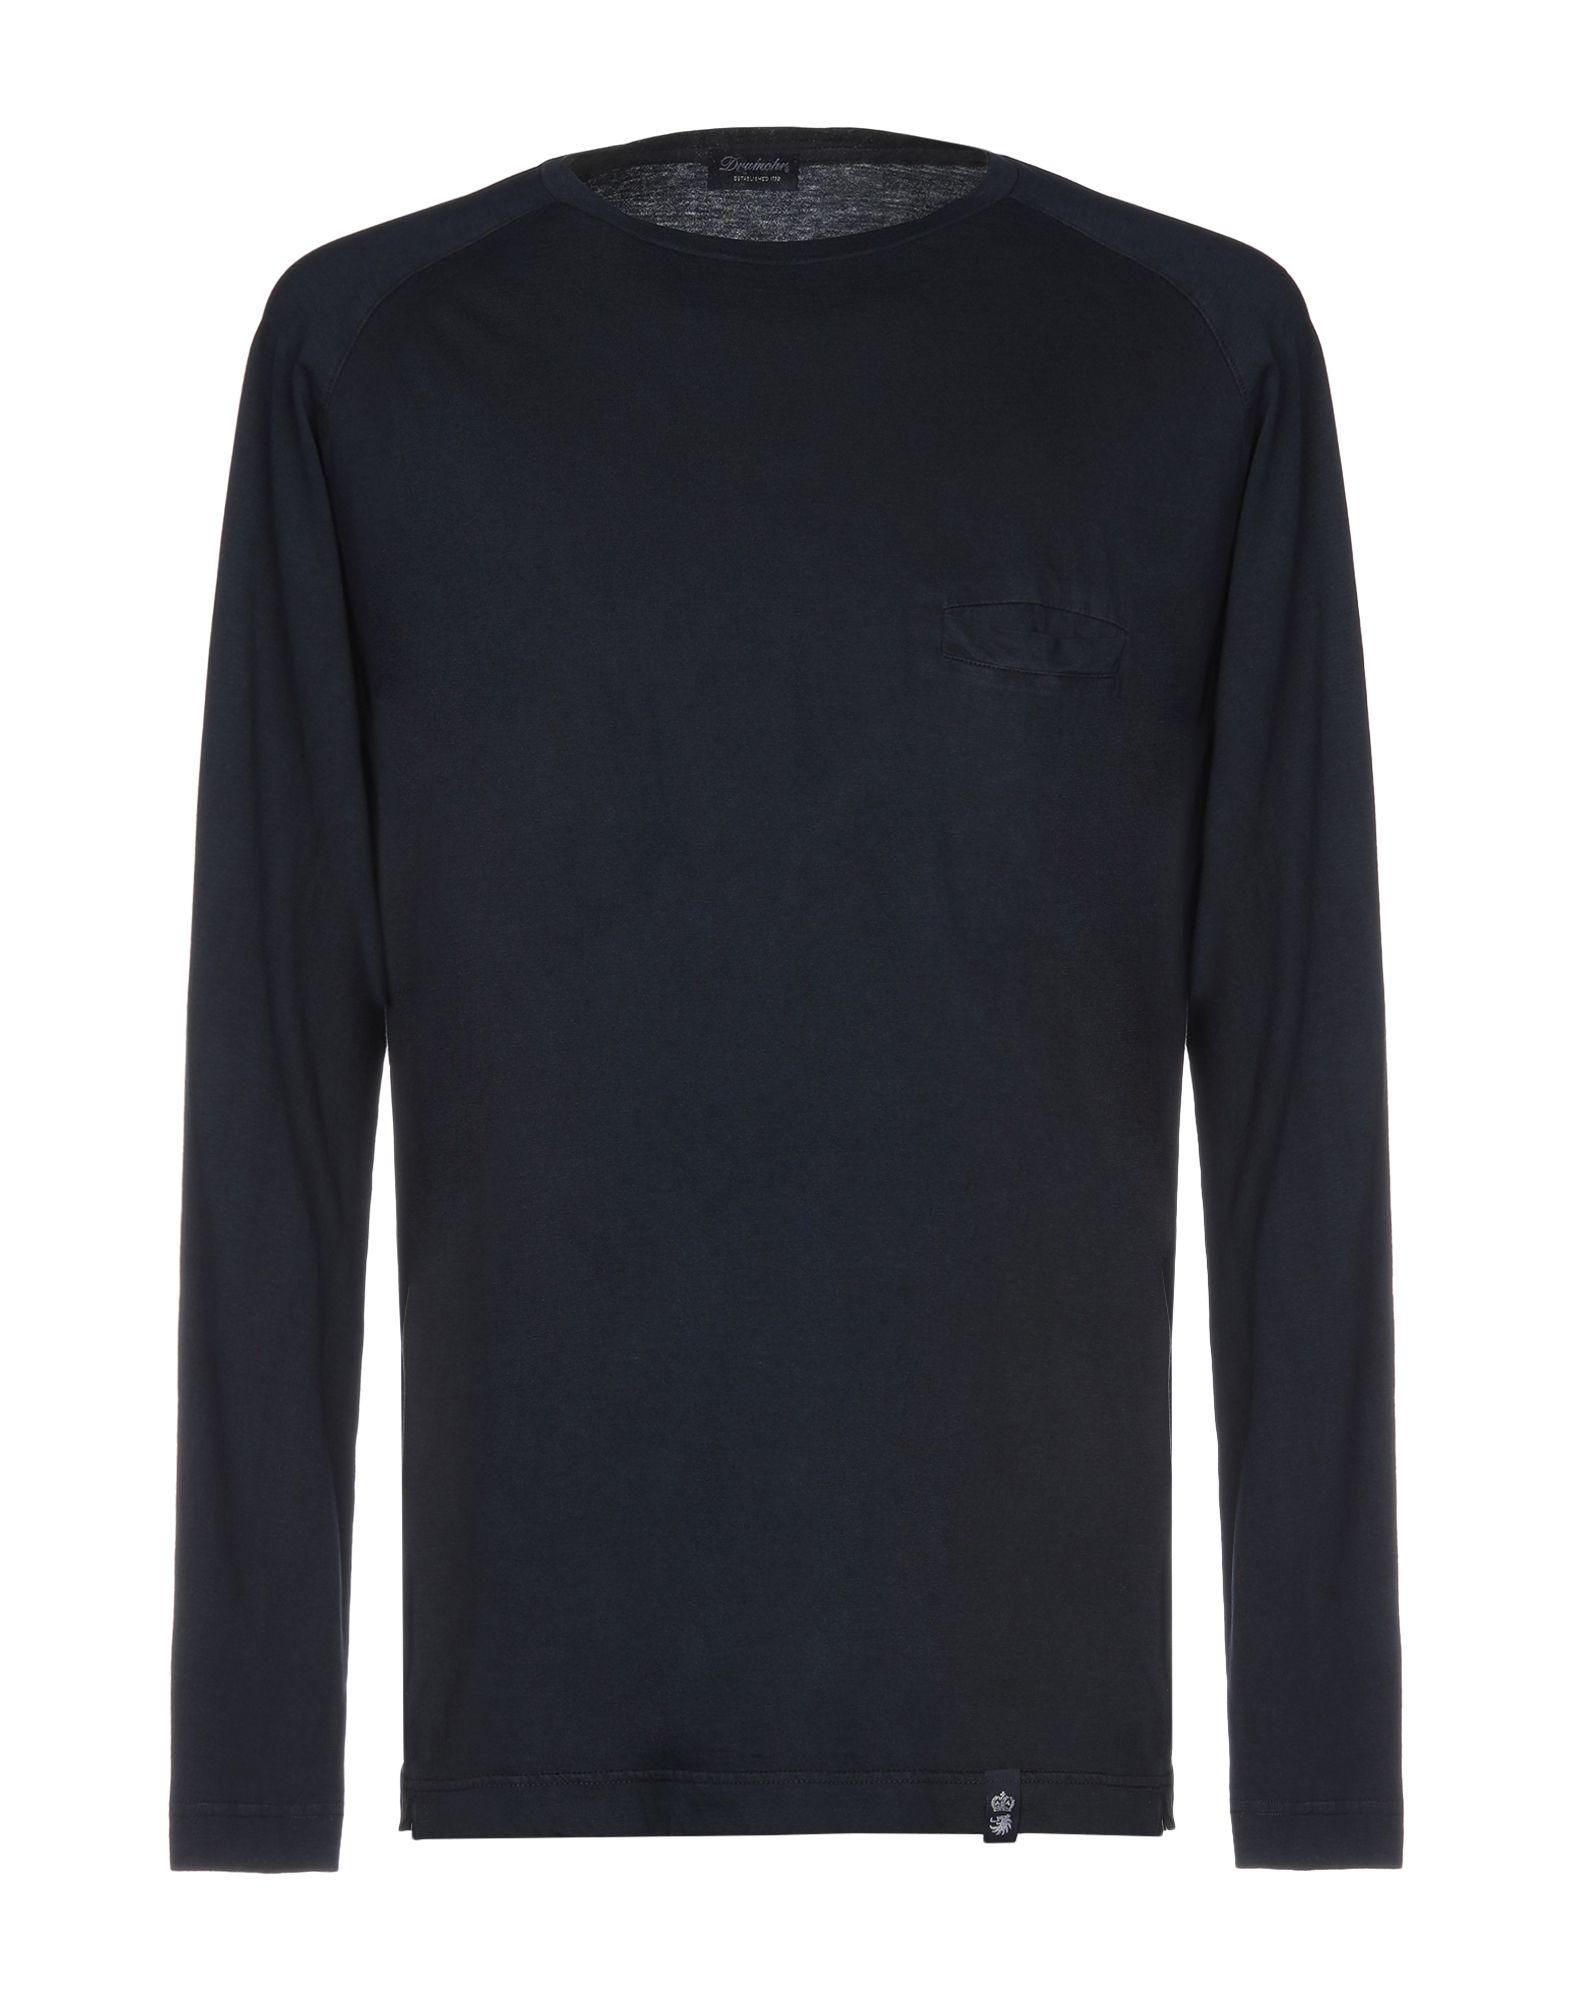 《送料無料》DRUMOHR メンズ T シャツ ダークブルー L コットン 100%